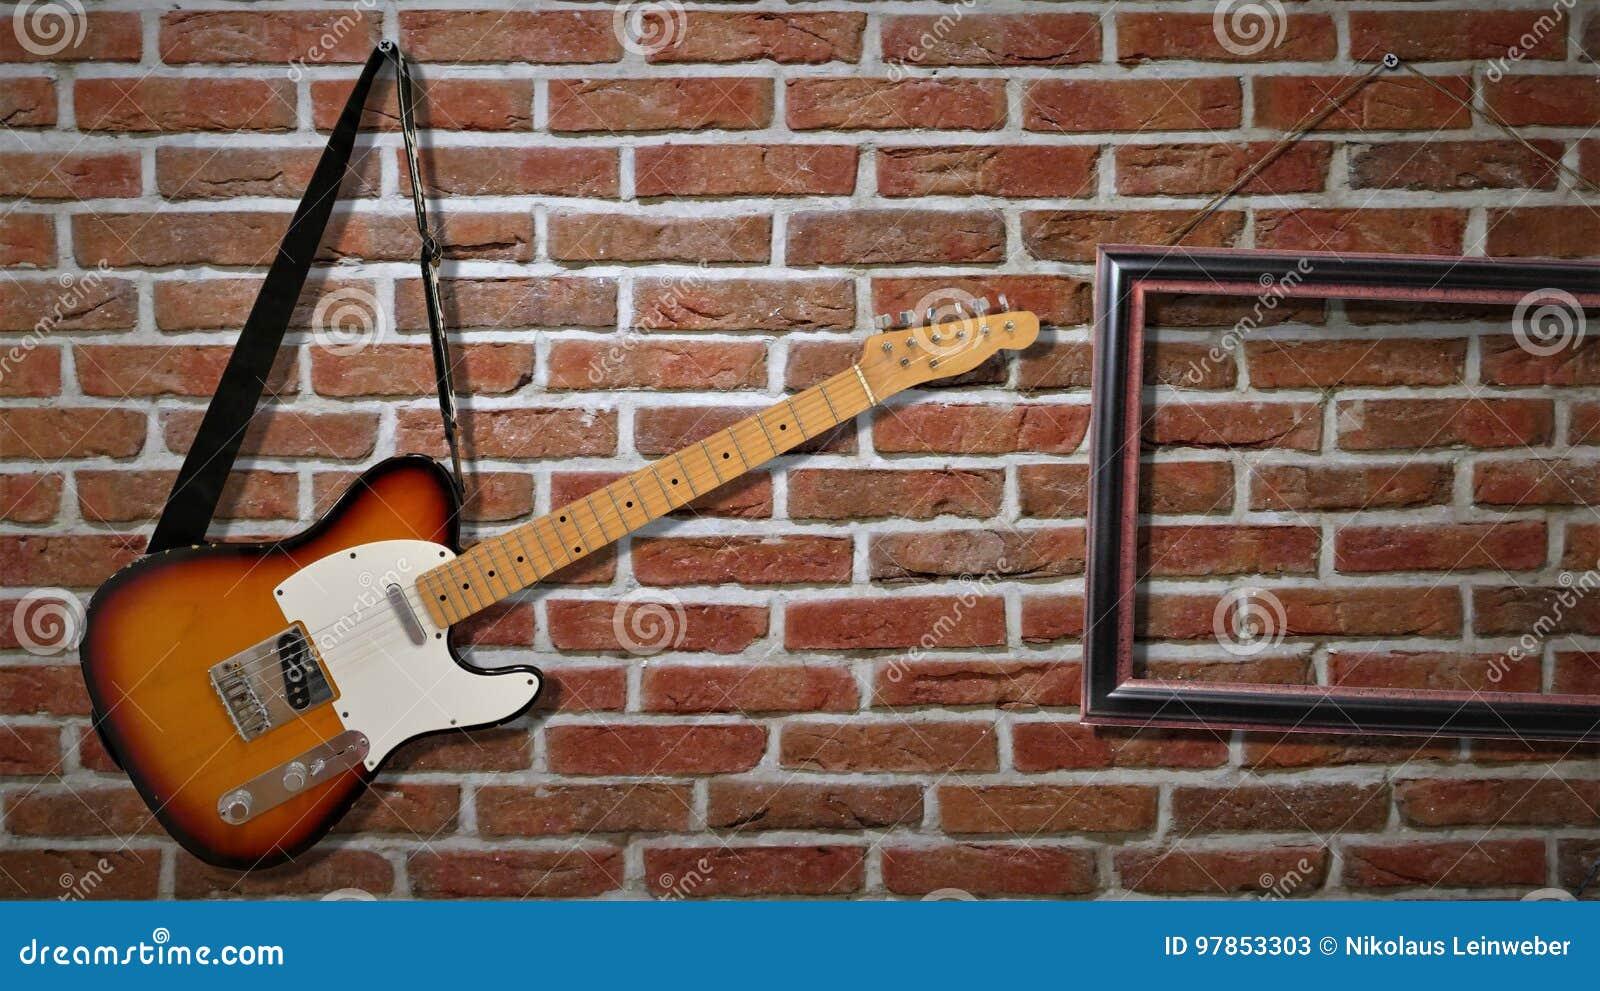 Una guitarra eléctrica está colgando en una pared de ladrillo